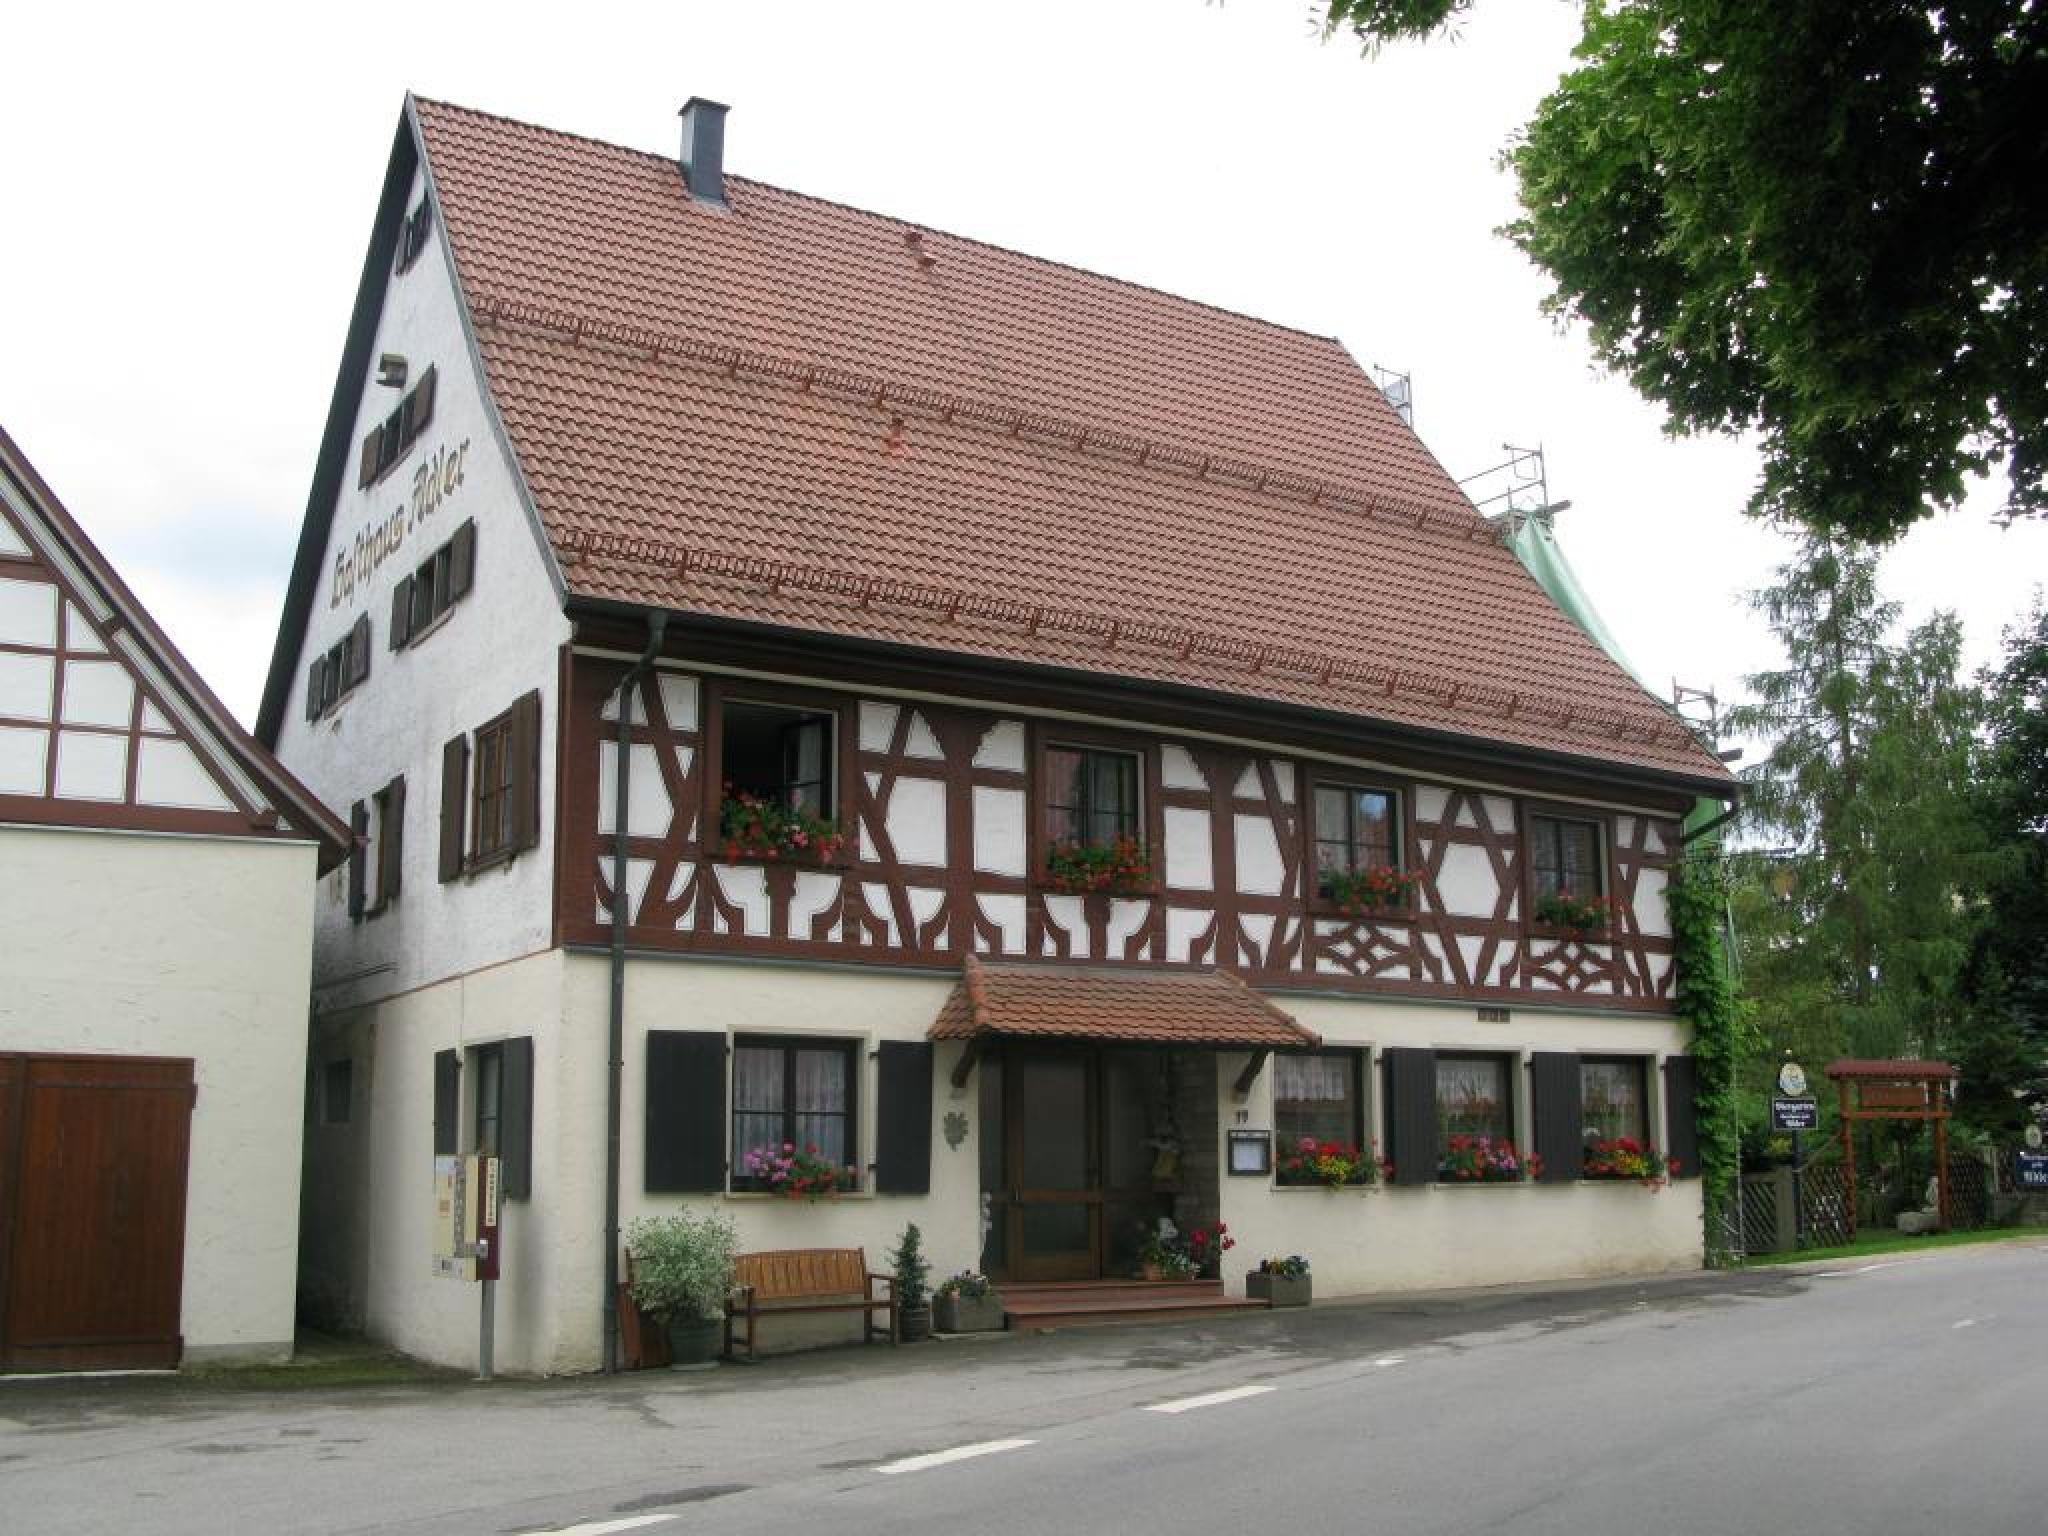 Granheim